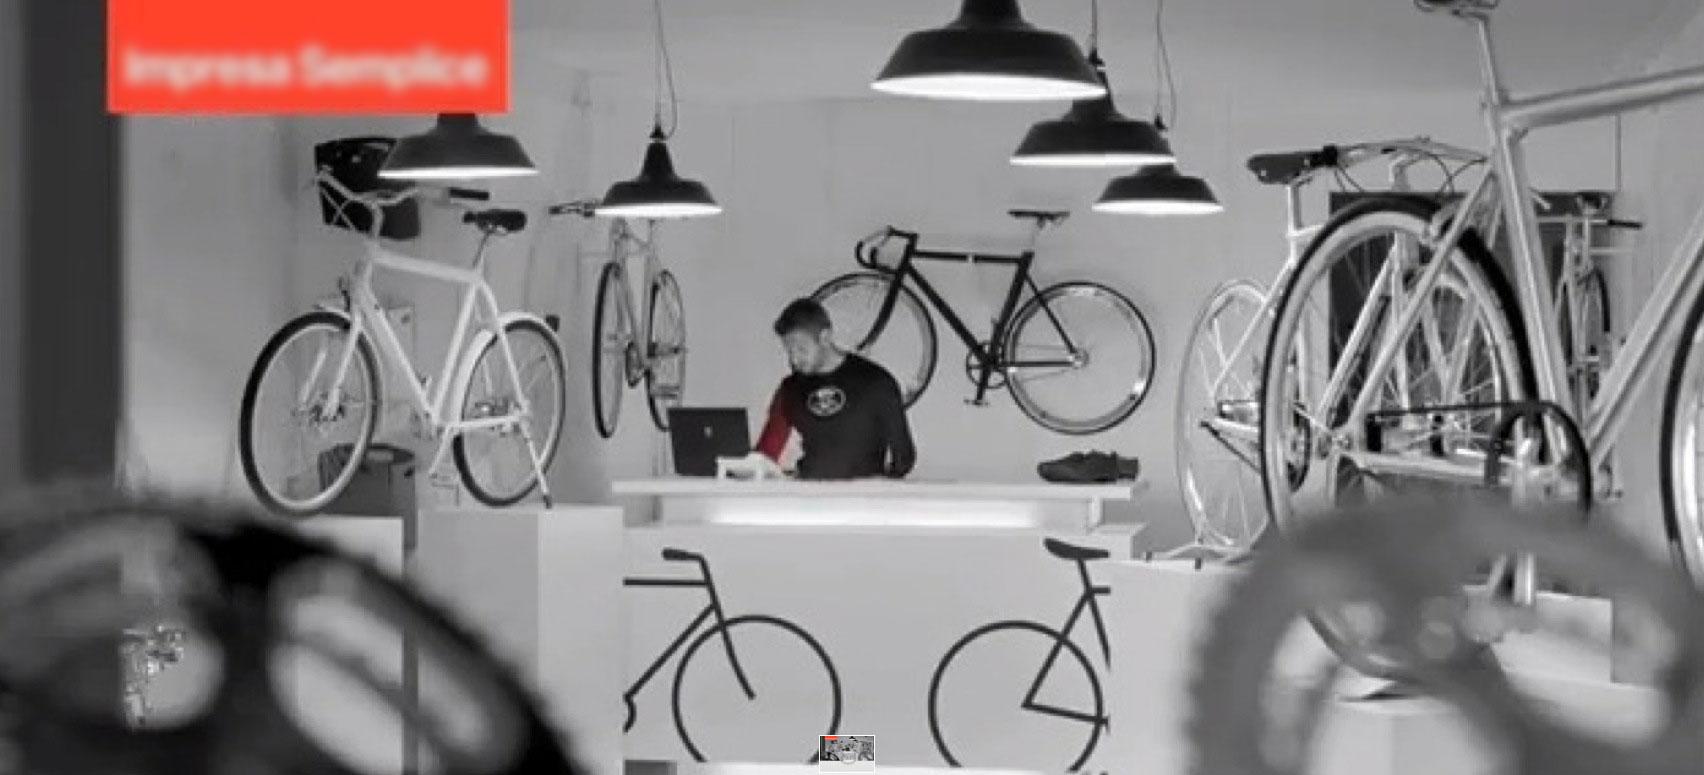 L'interno di un negozio di biciclette di design